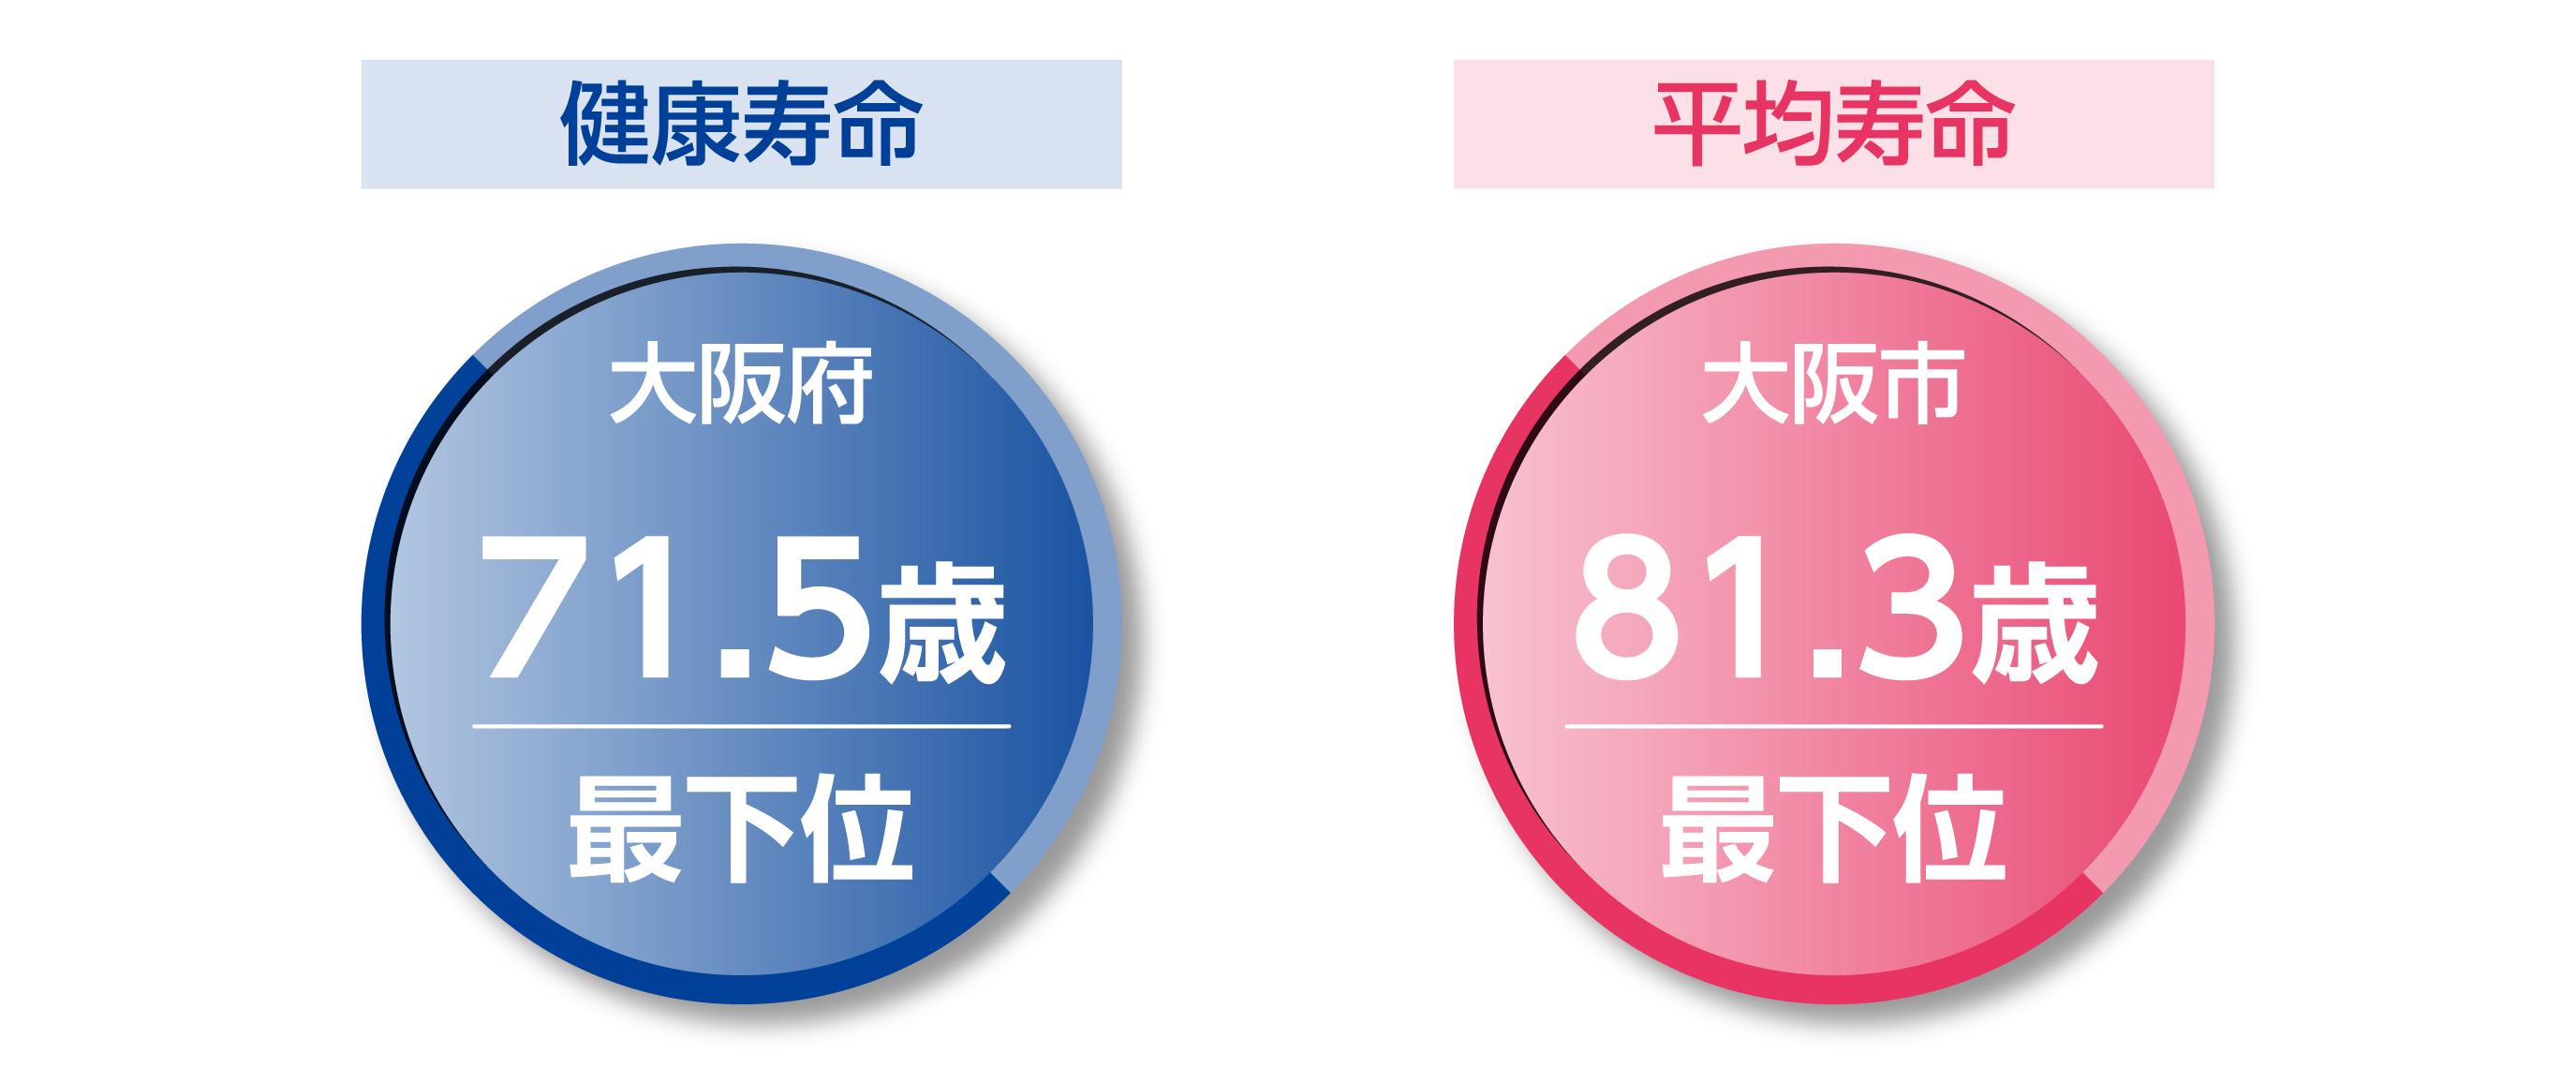 低迷続く大阪府・大阪市の「幸福度ランキング」立憲民主党大阪府連「都構想」ポータル